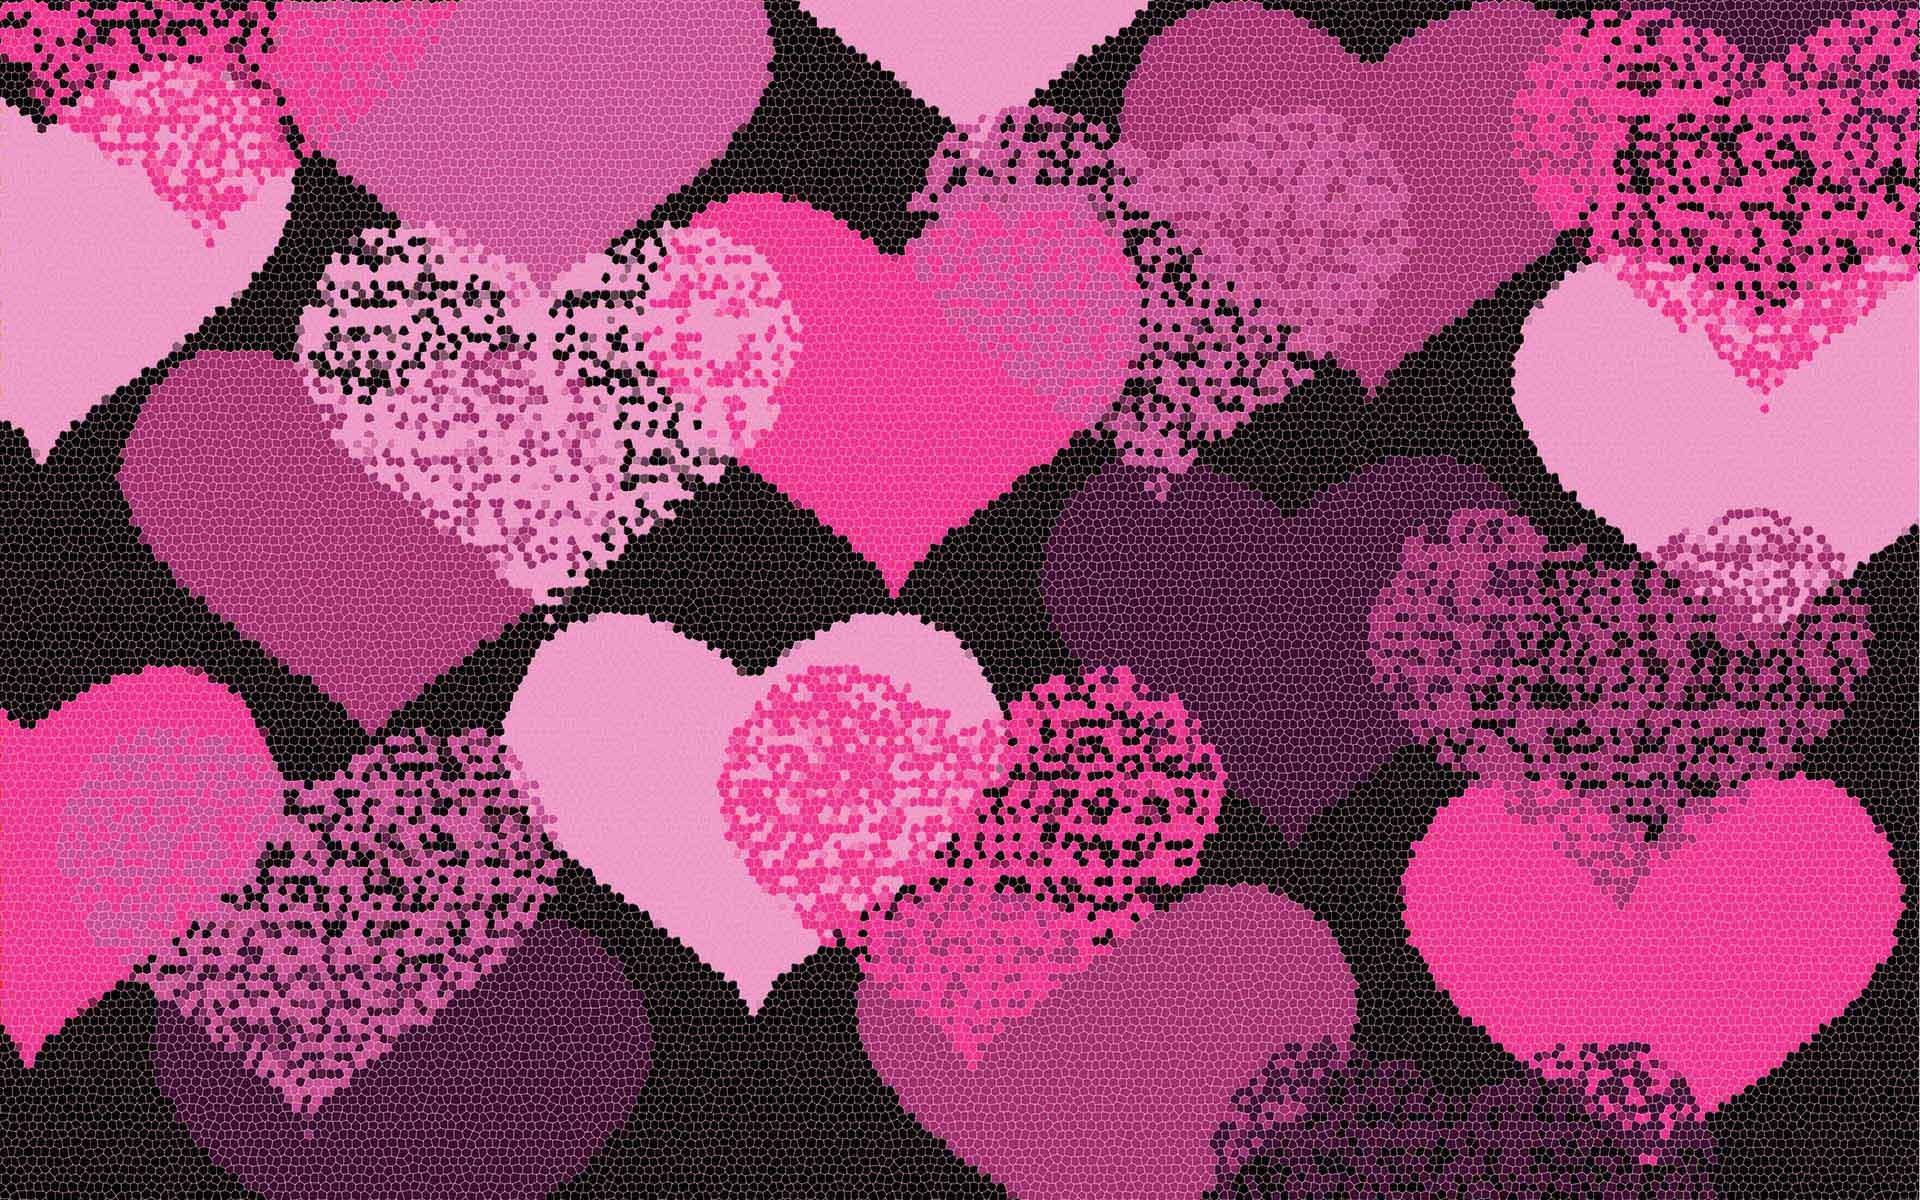 Pink Vs Summer Wallpaper Background – Uncalke.com